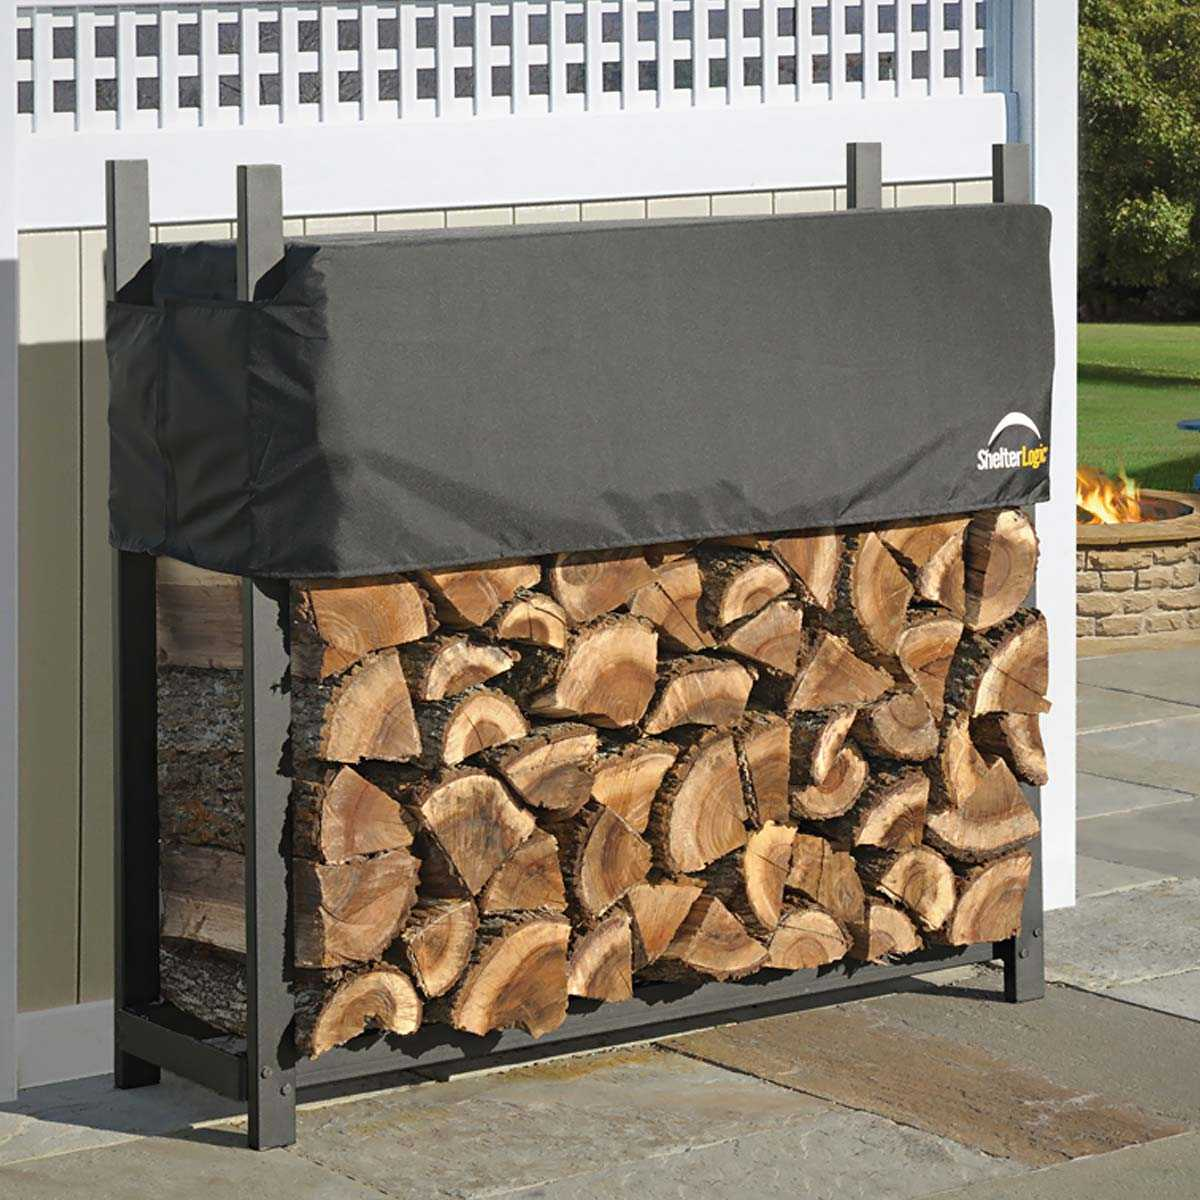 Abri buches et bois de chauffage 0.8 stères et housse de protection